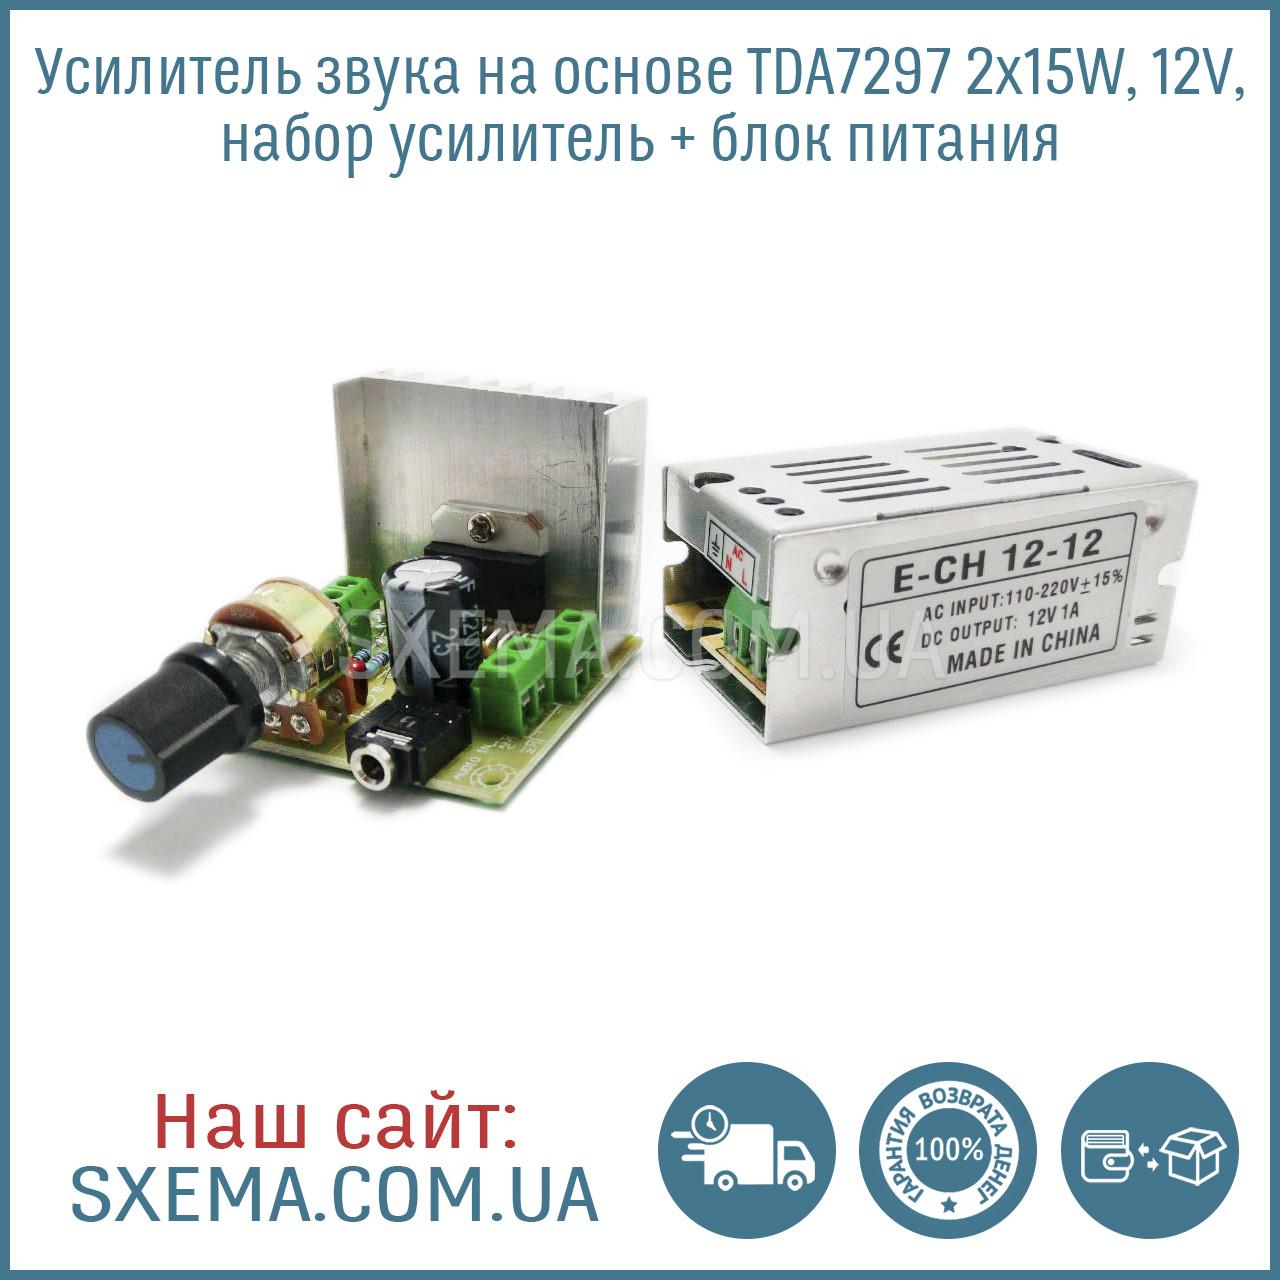 Усилитель звука на основе TDA7297 2x15W, 12V, набор усилитель + блок питания